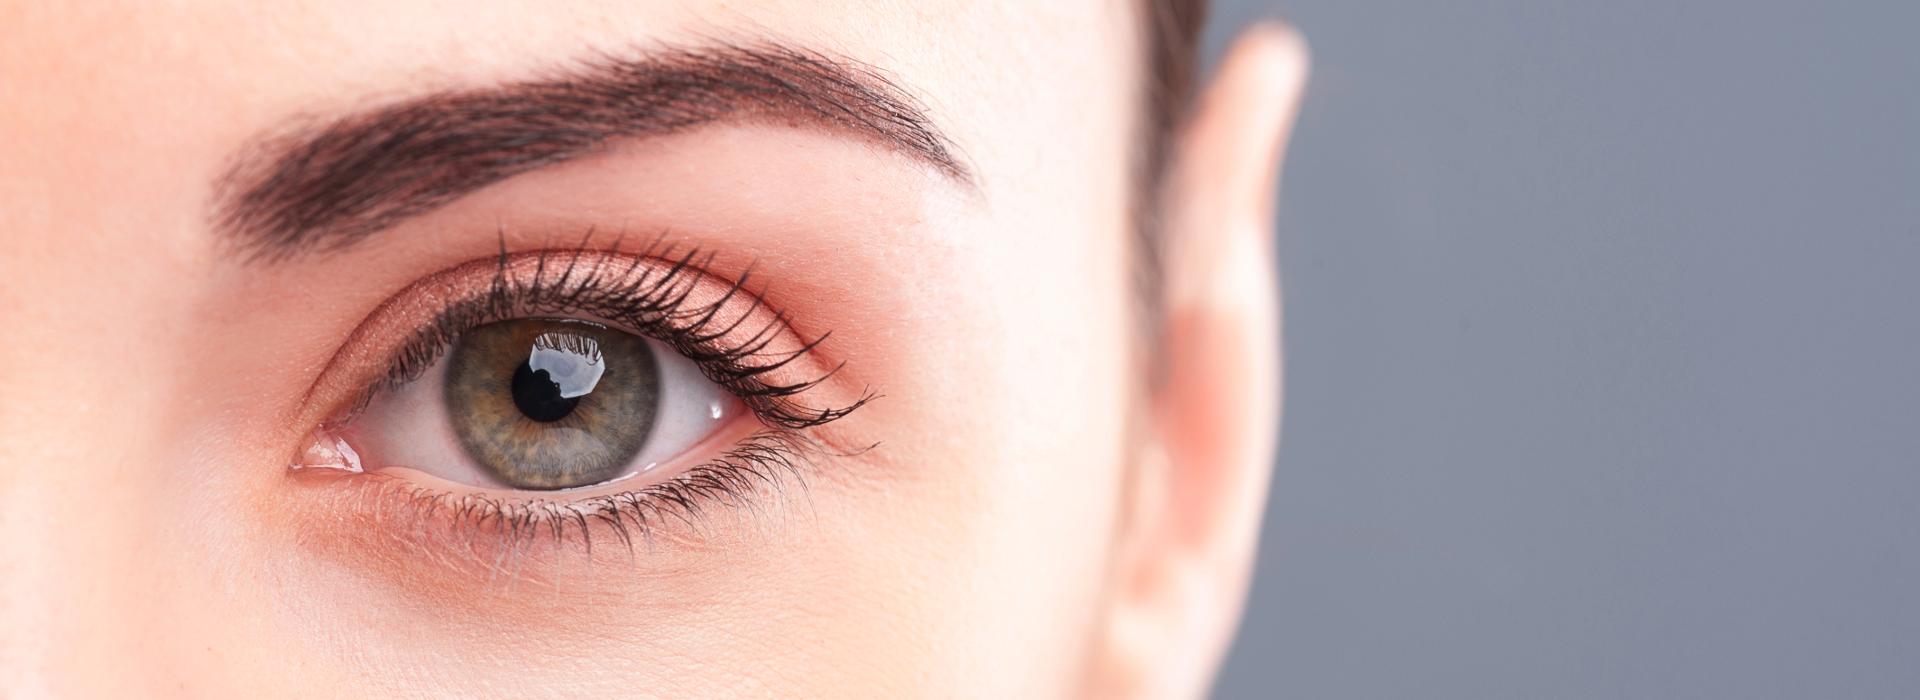 az egyik szem látása kissé csökkent pszichológiai féltékenység